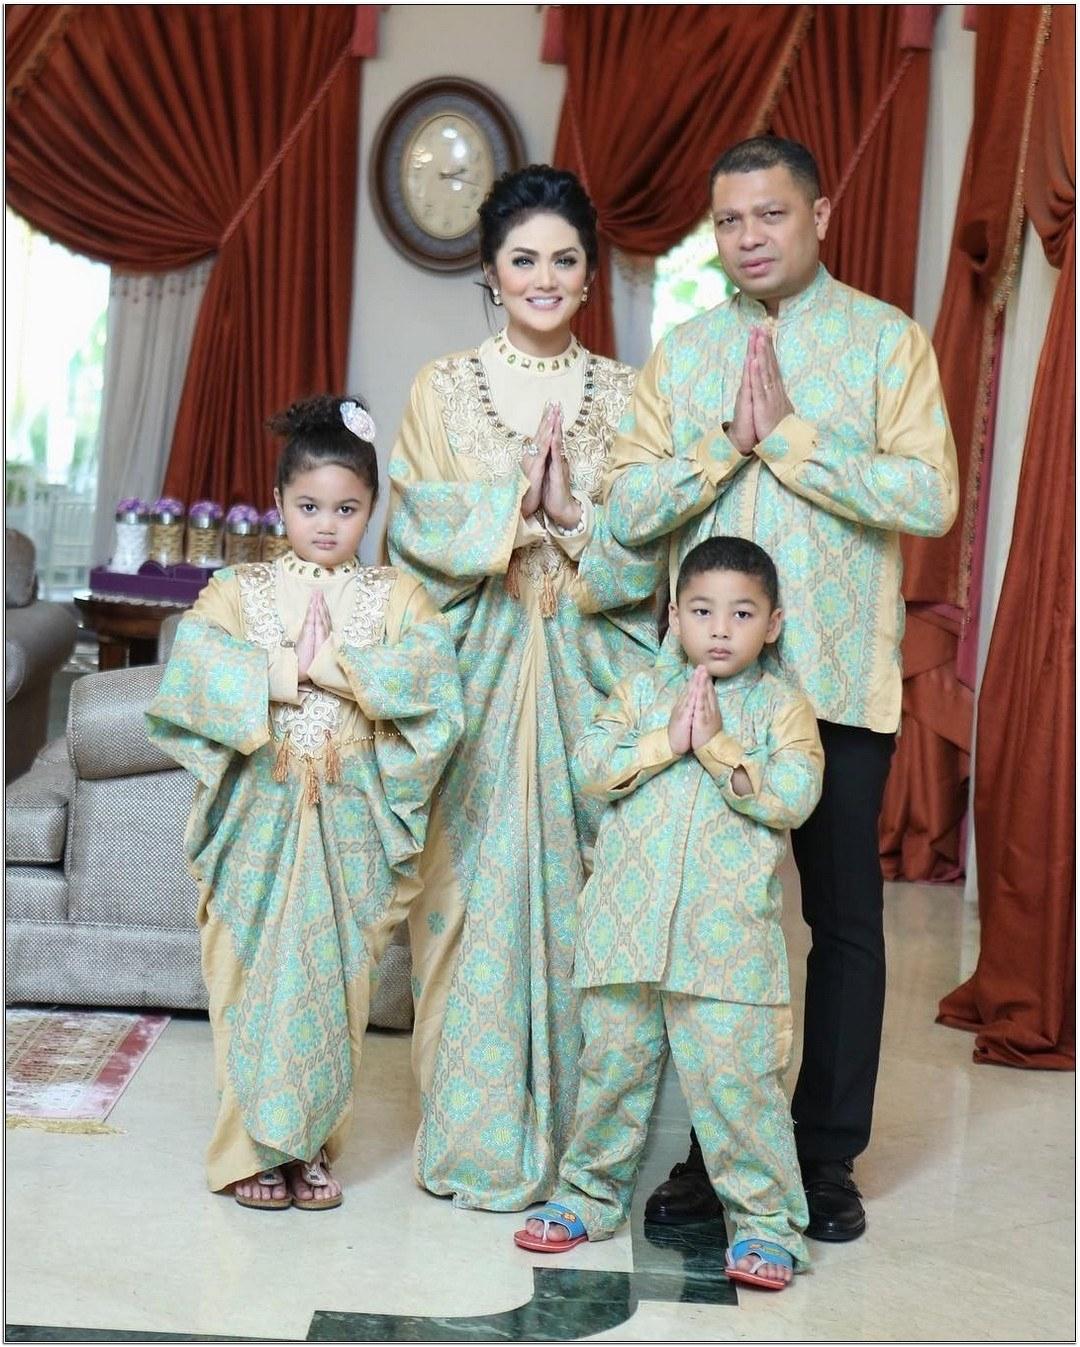 Bentuk Model Baju Lebaran Keluarga Artis S1du Model Baju Seragam Lebaran Artis